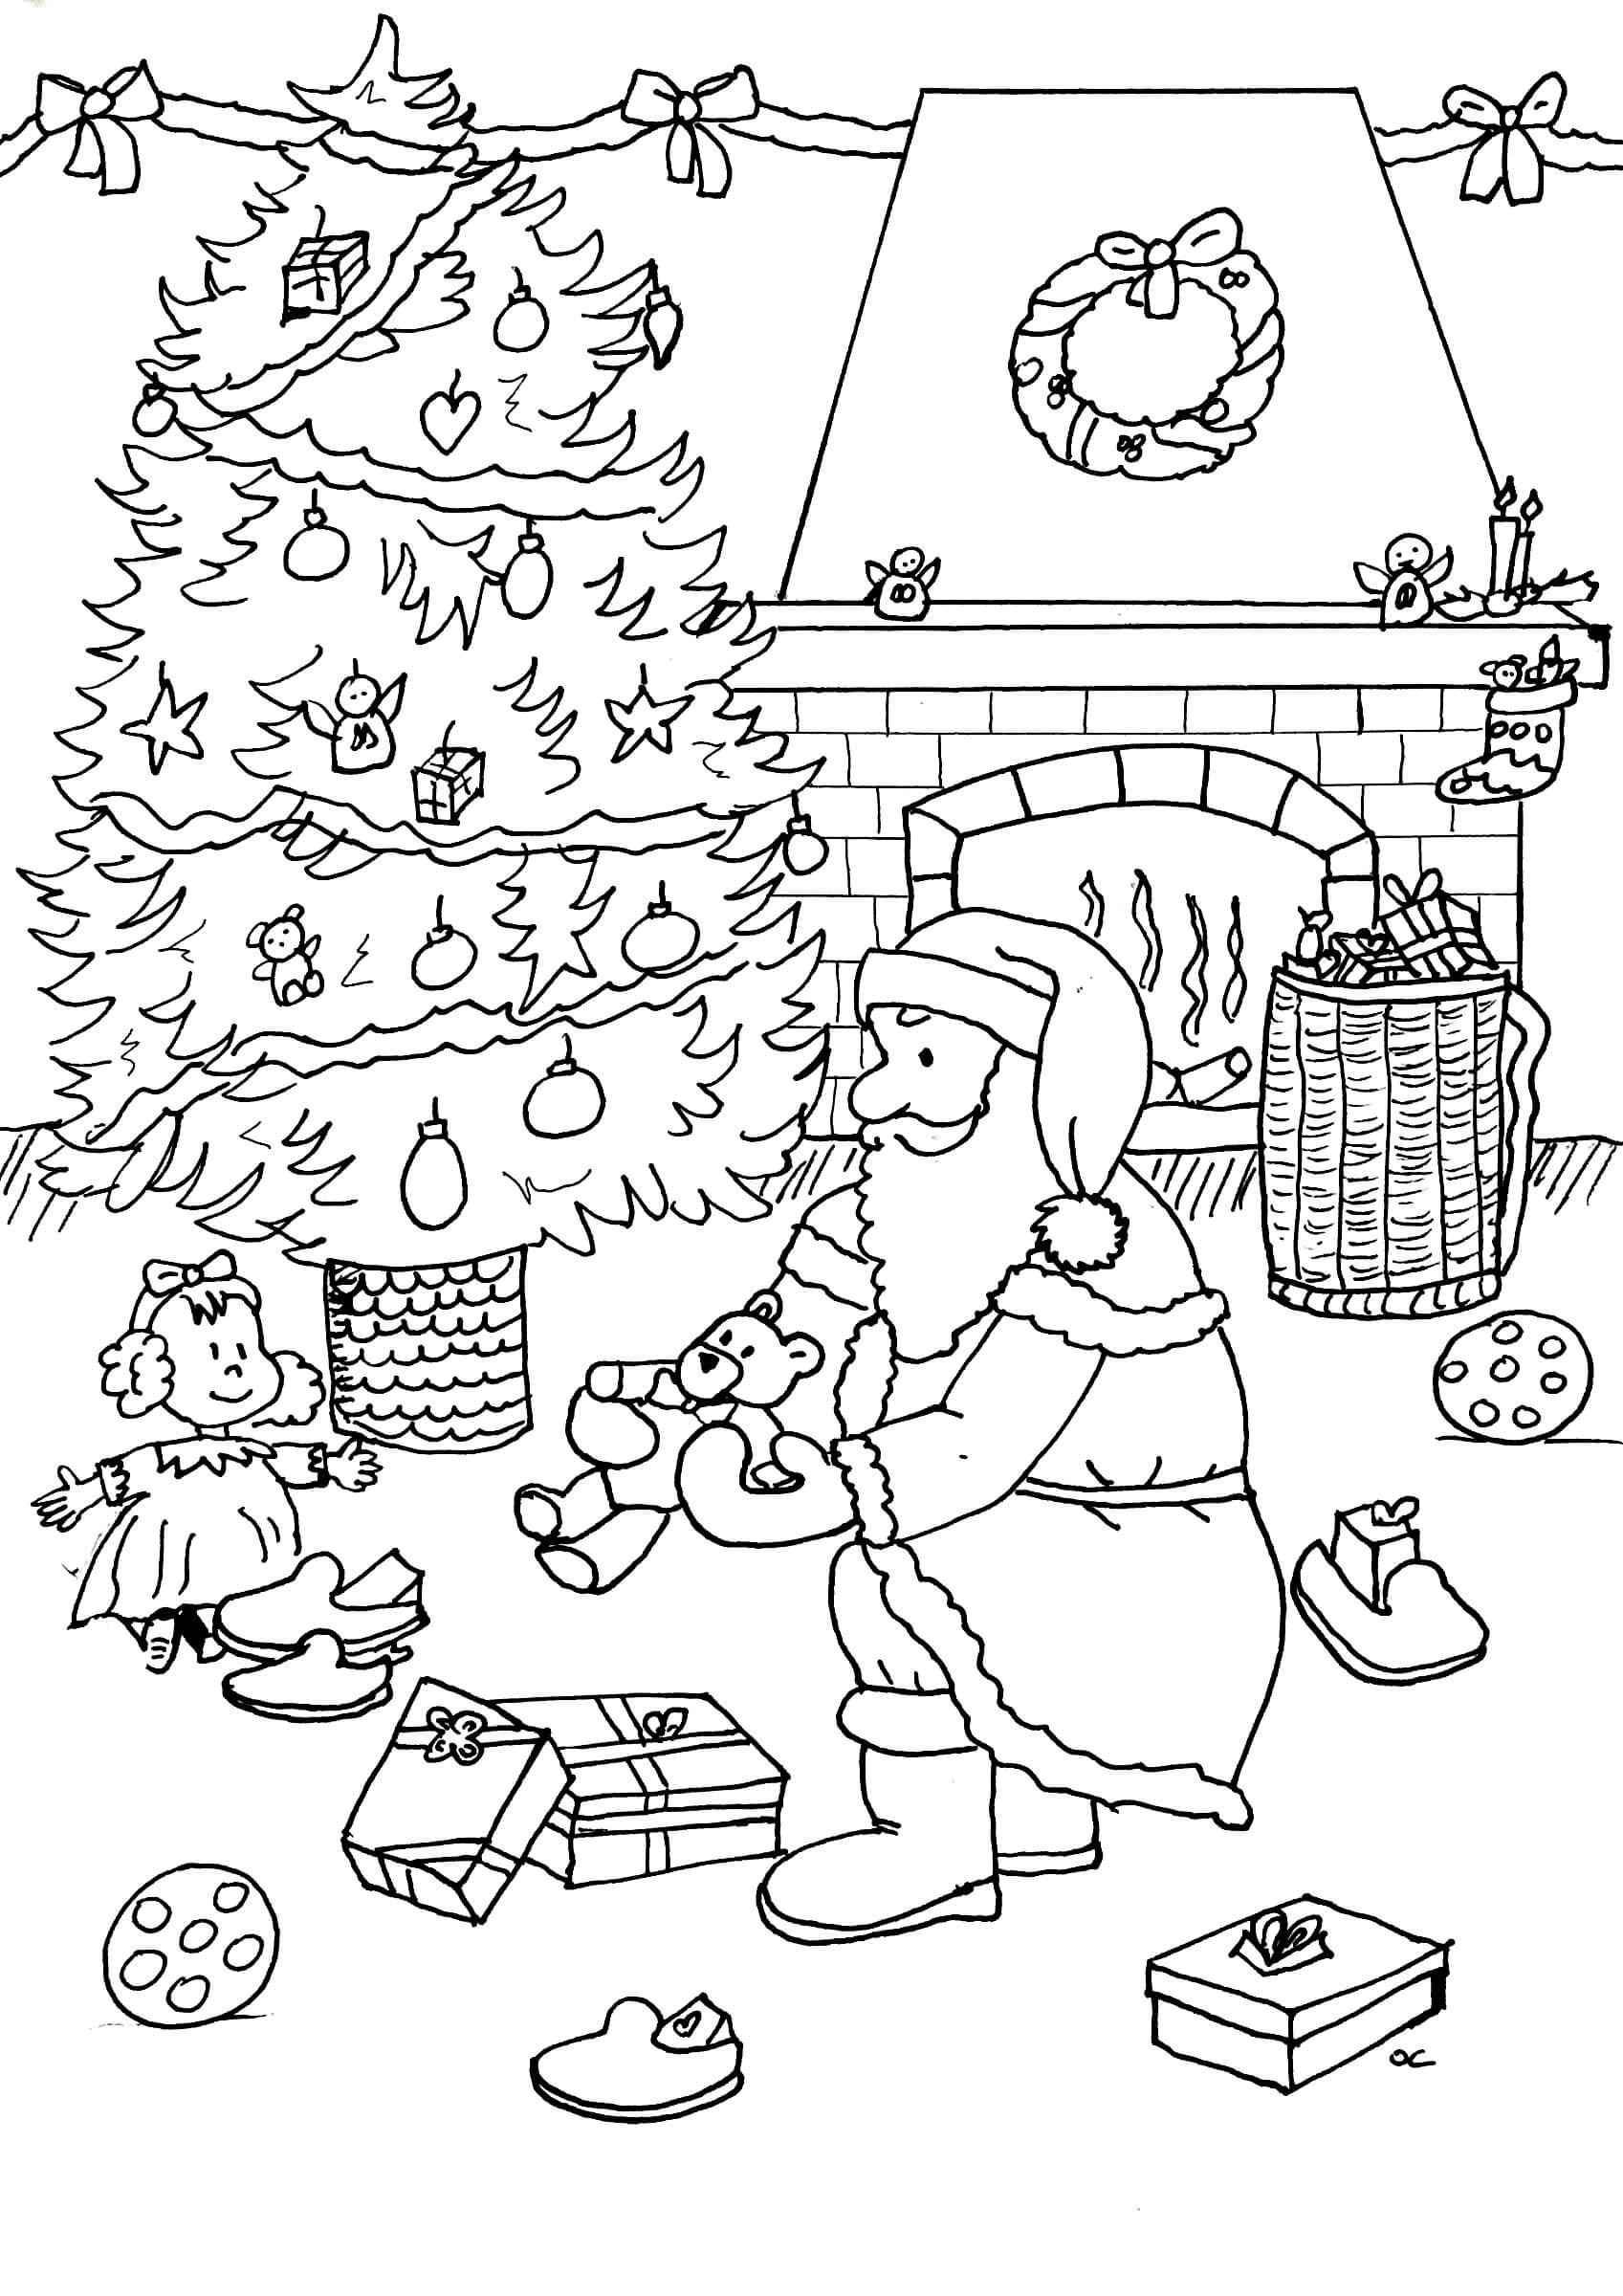 Раскраска Санта Клаус кладёт мишку под ёлку